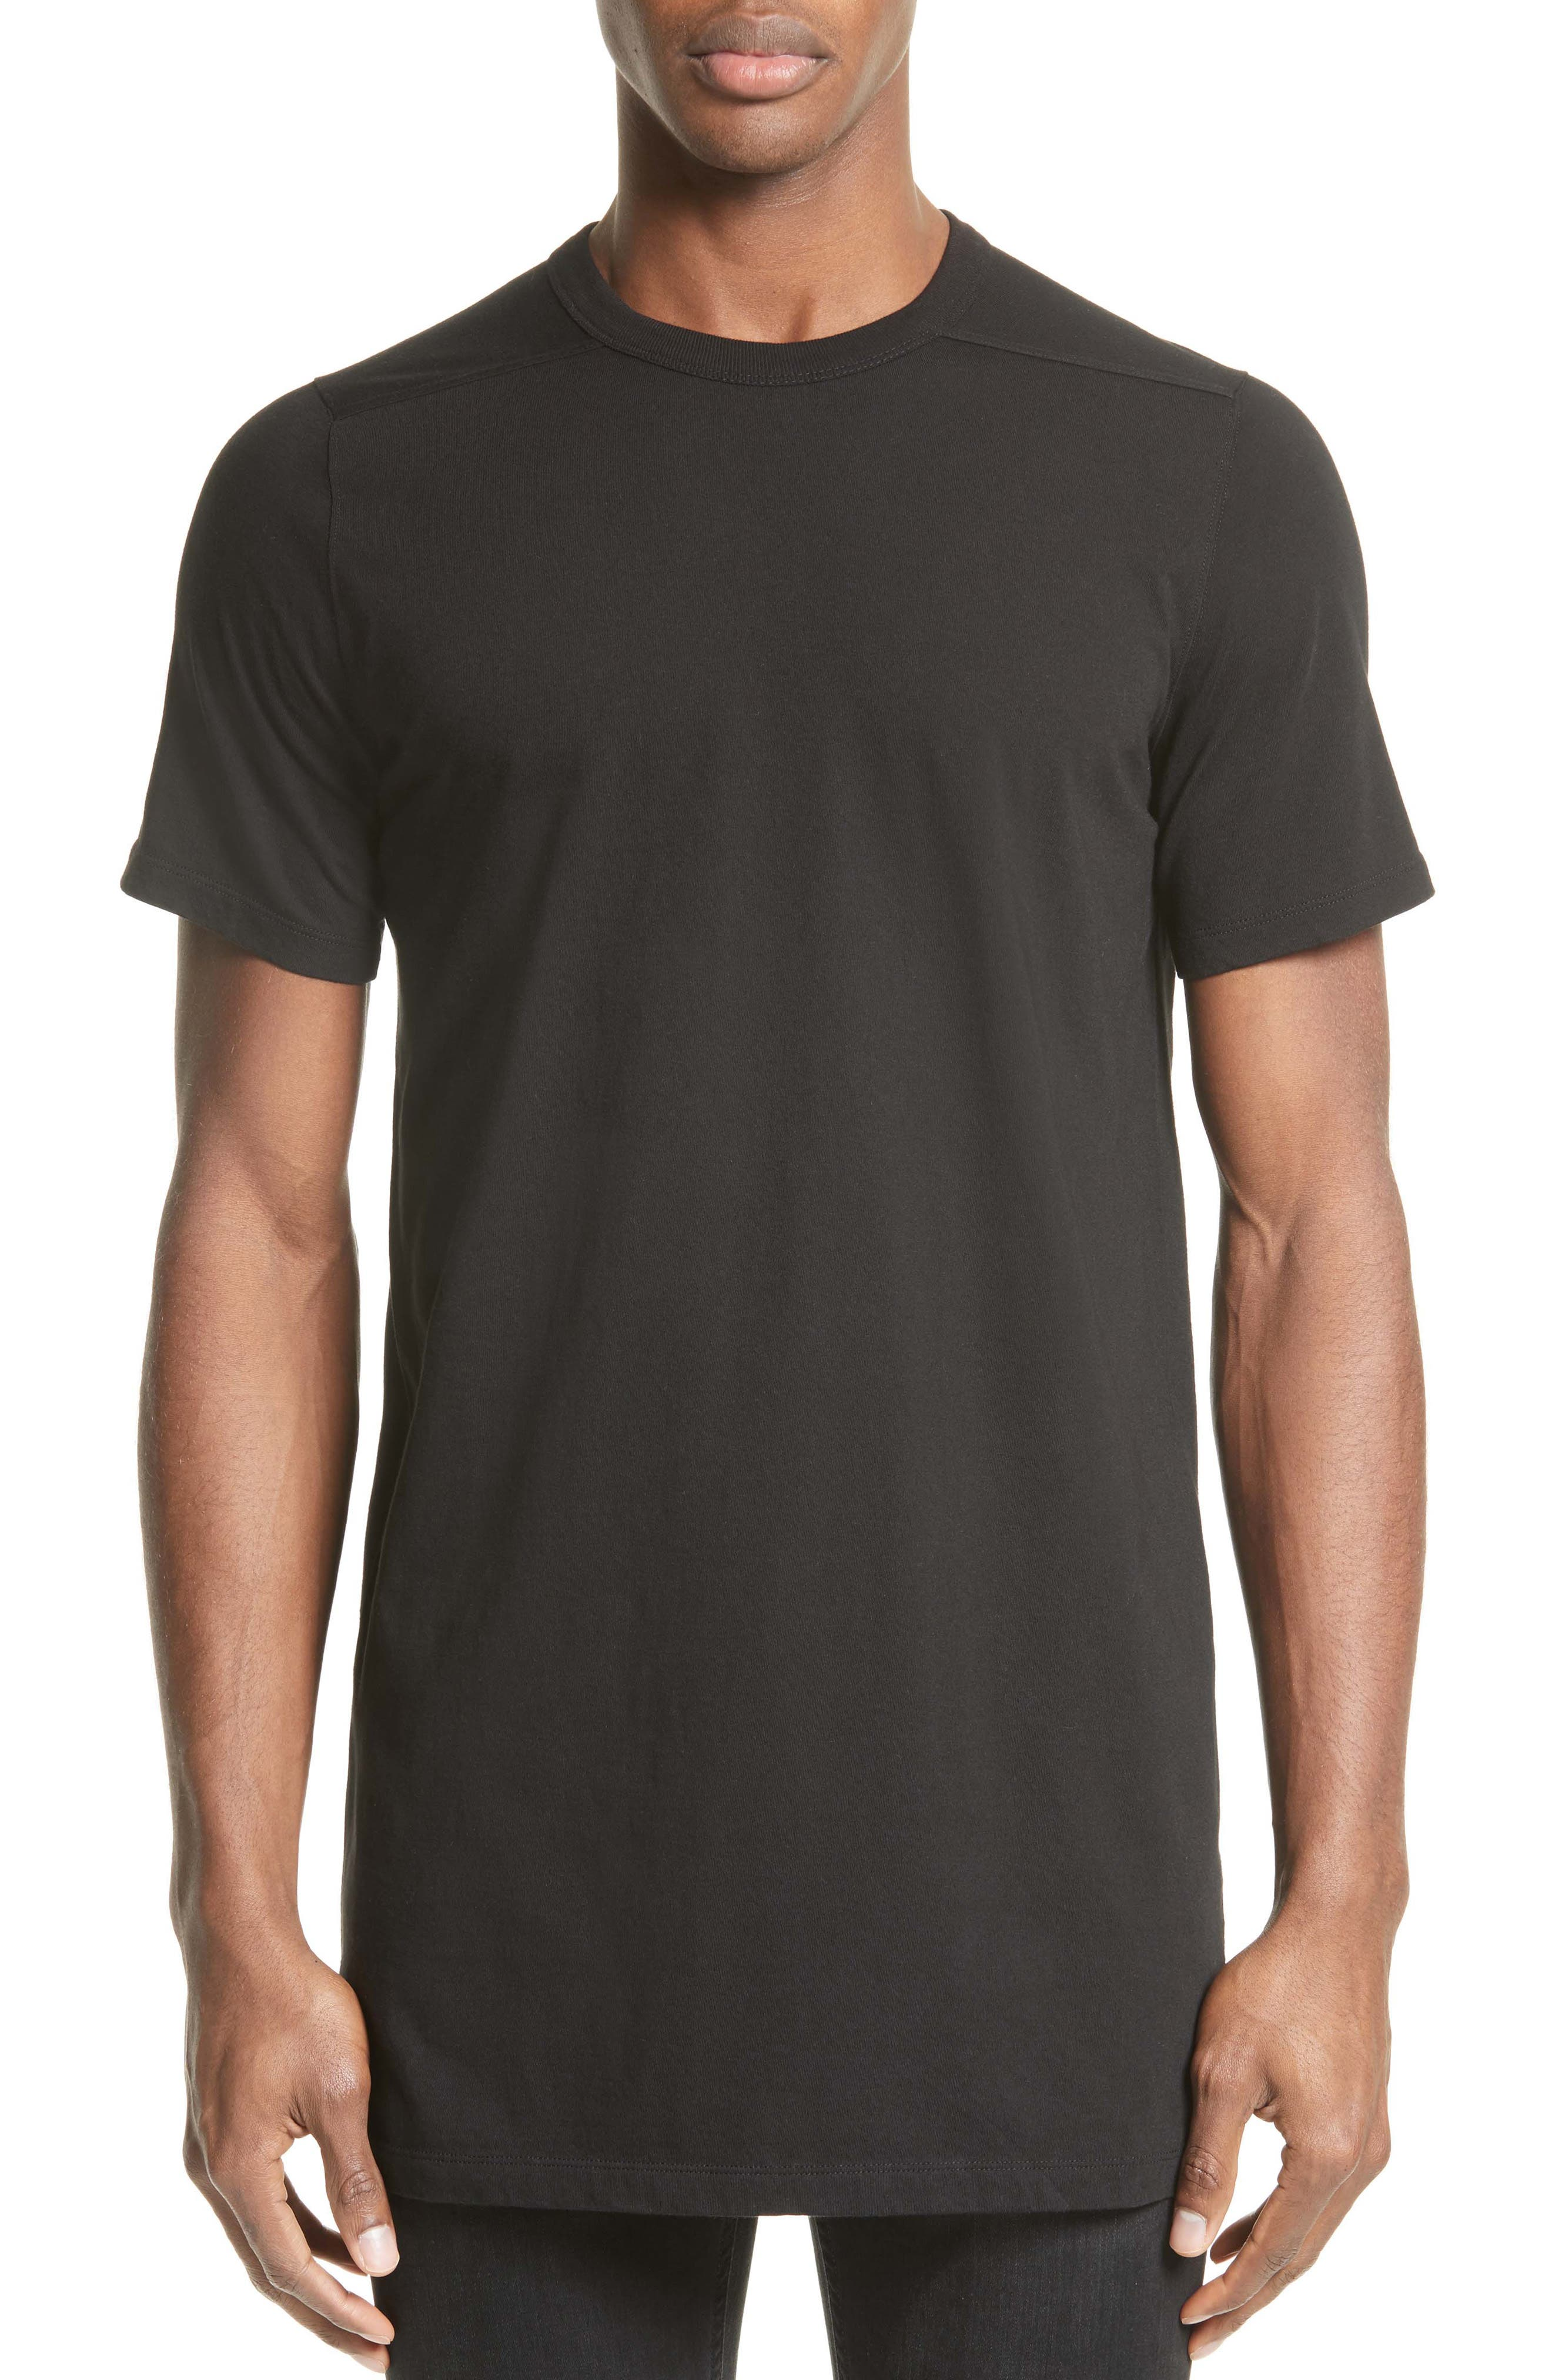 Level T-Shirt,                         Main,                         color, Black